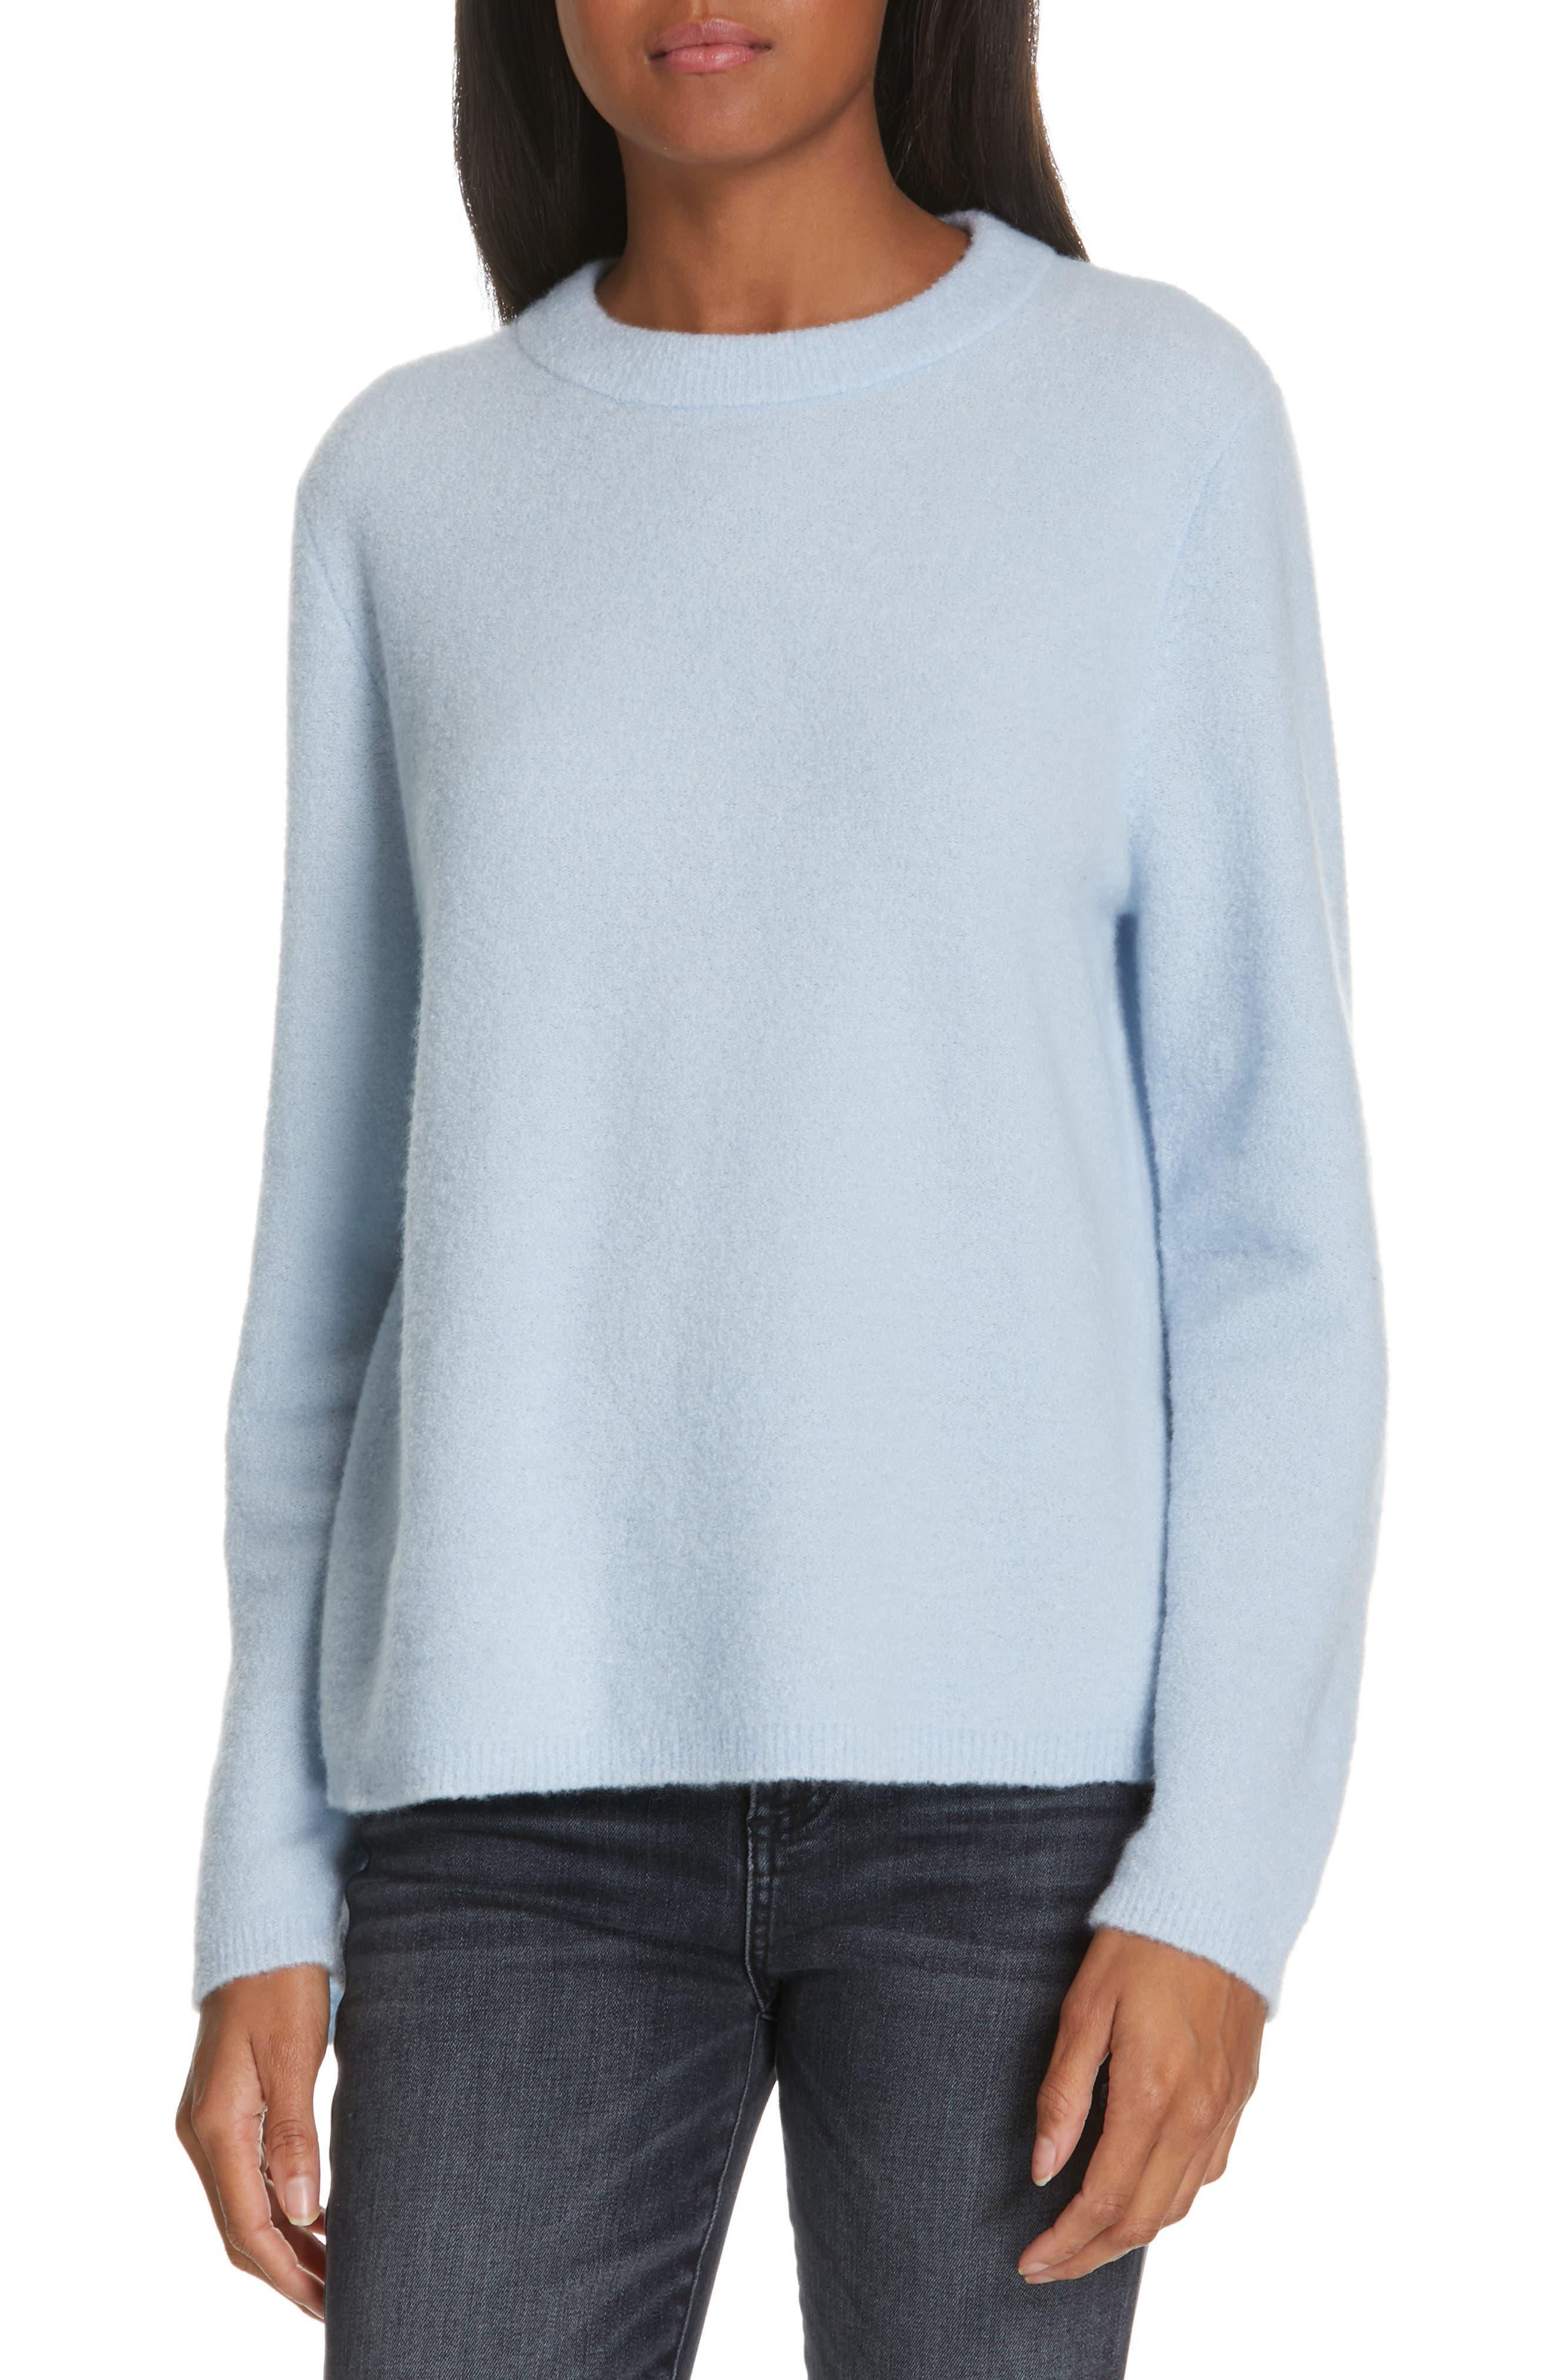 NORDSTROM SIGNATURE, Cashmere Blend Bouclé Sweater, Main thumbnail 1, color, BLUE CASHMERE